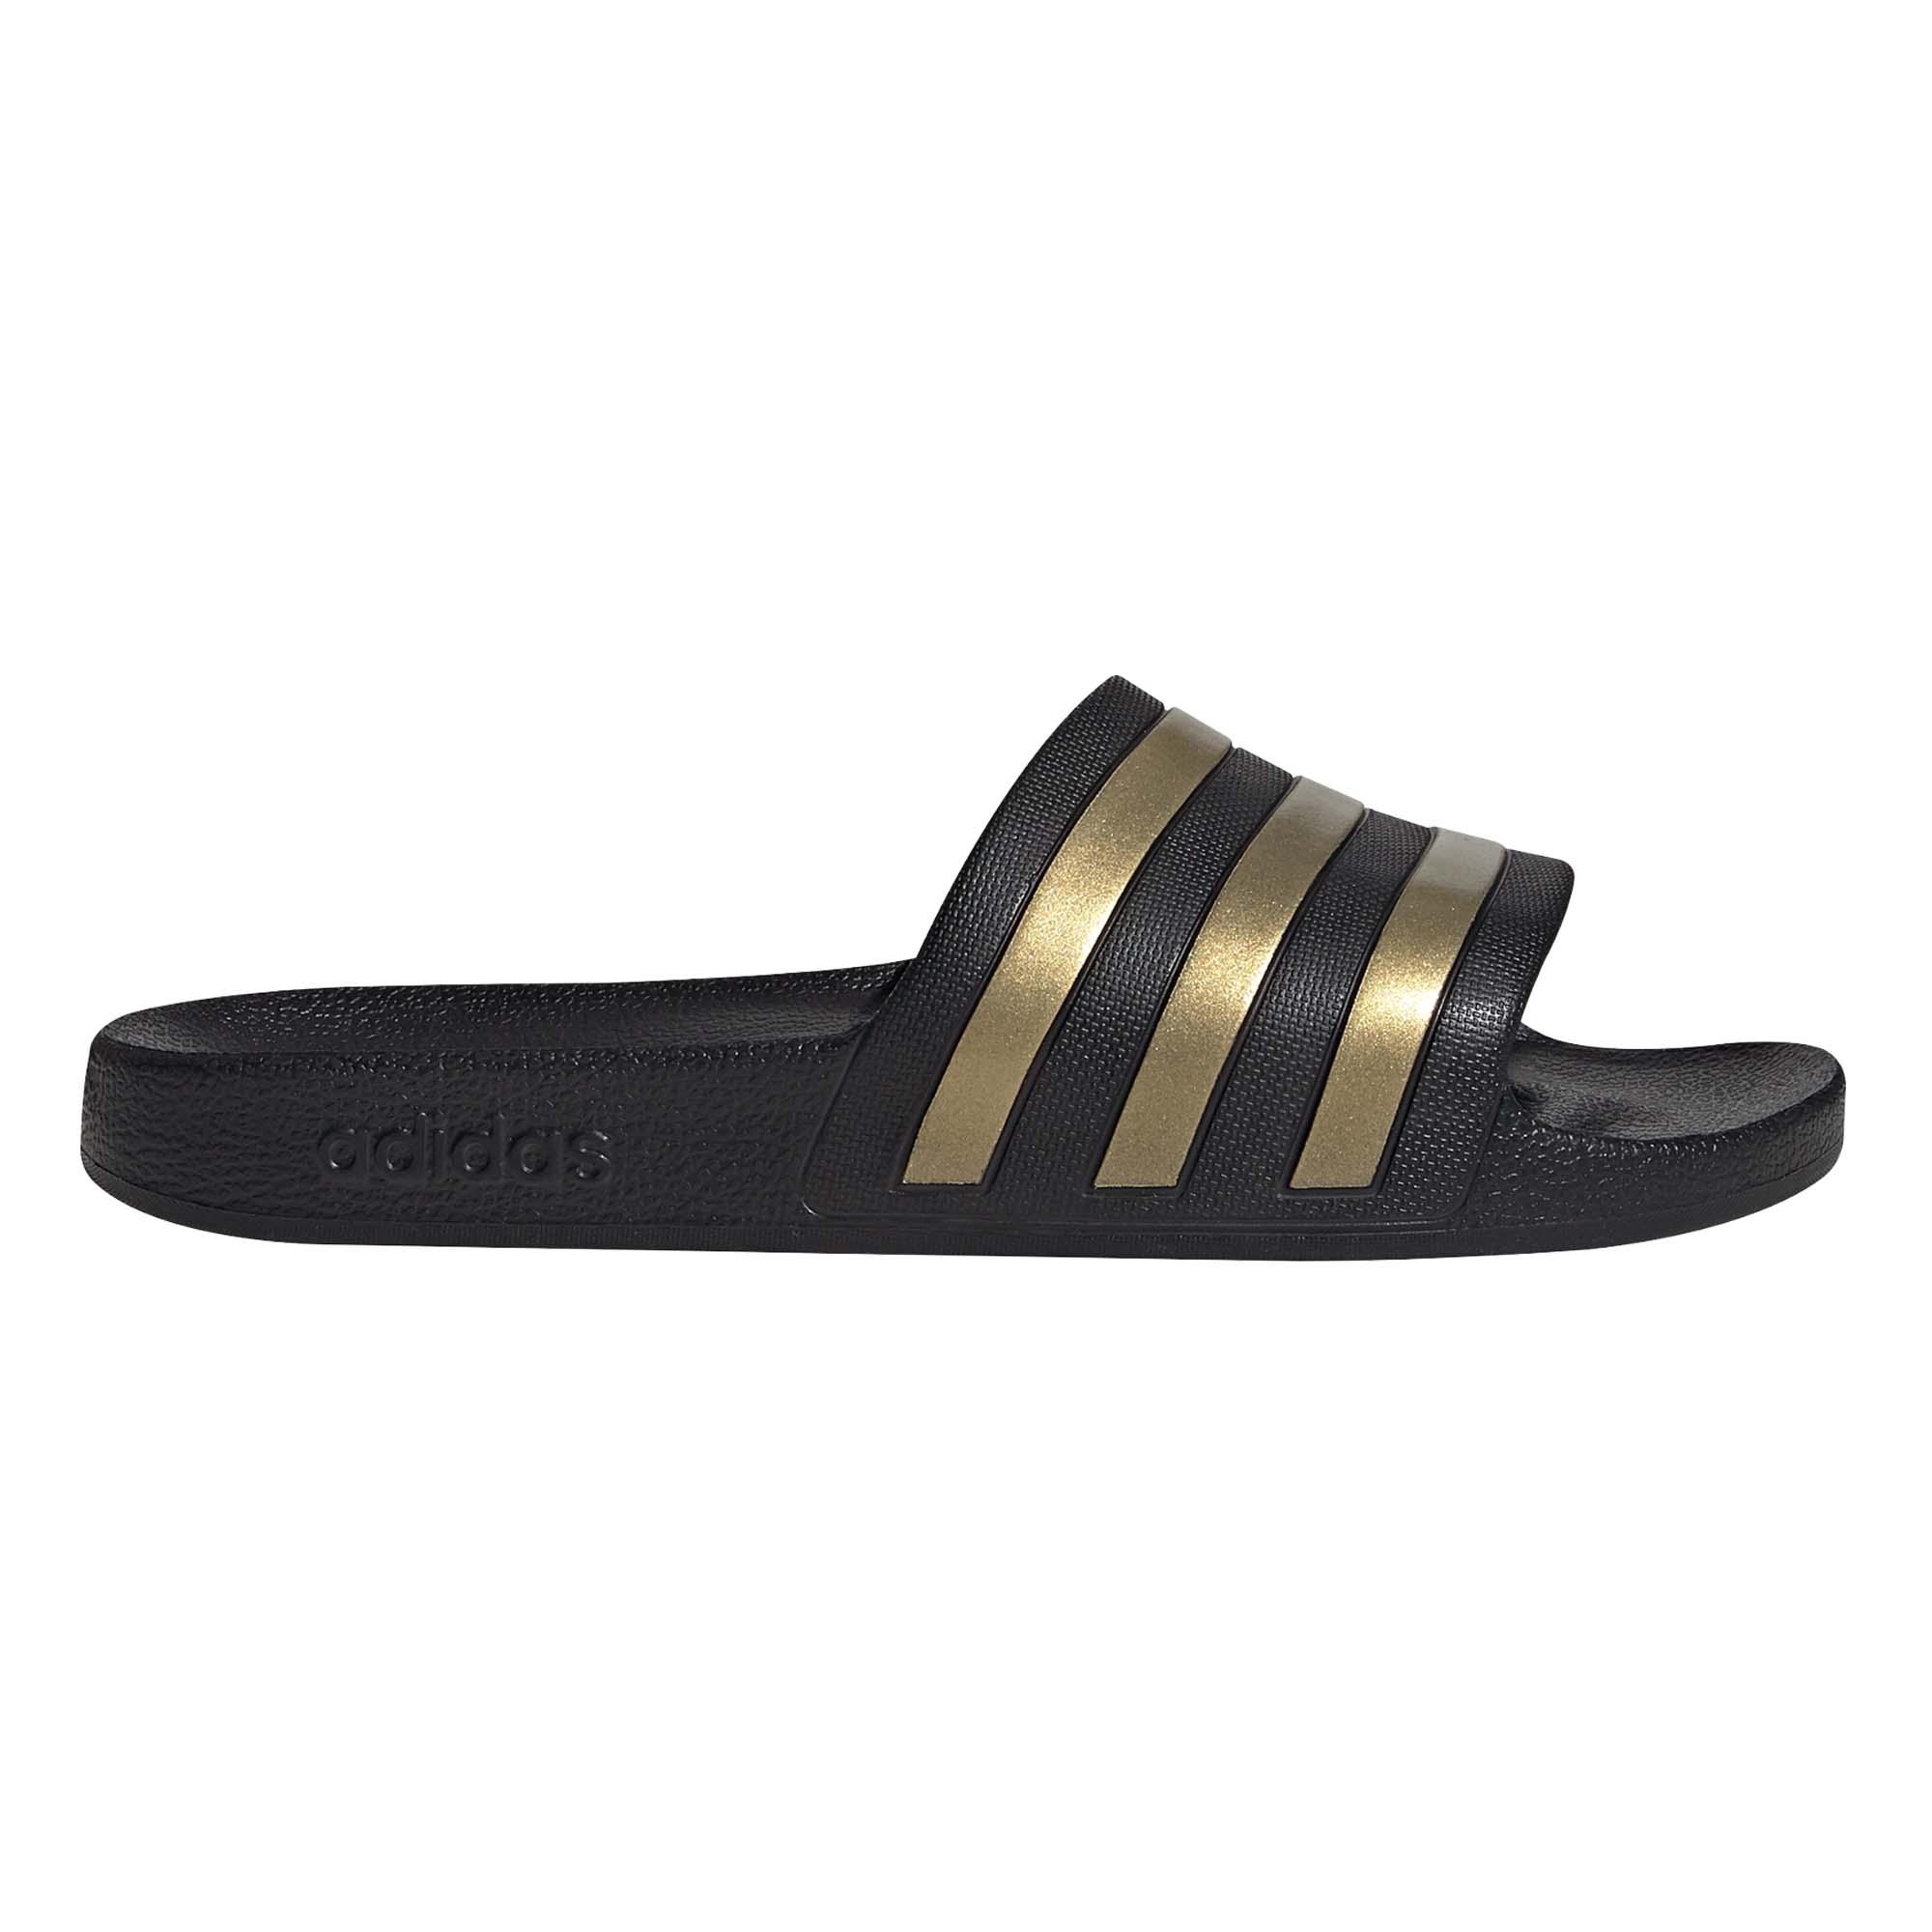 adidas adilette aqua zapatos de playa y piscina unisex adulto